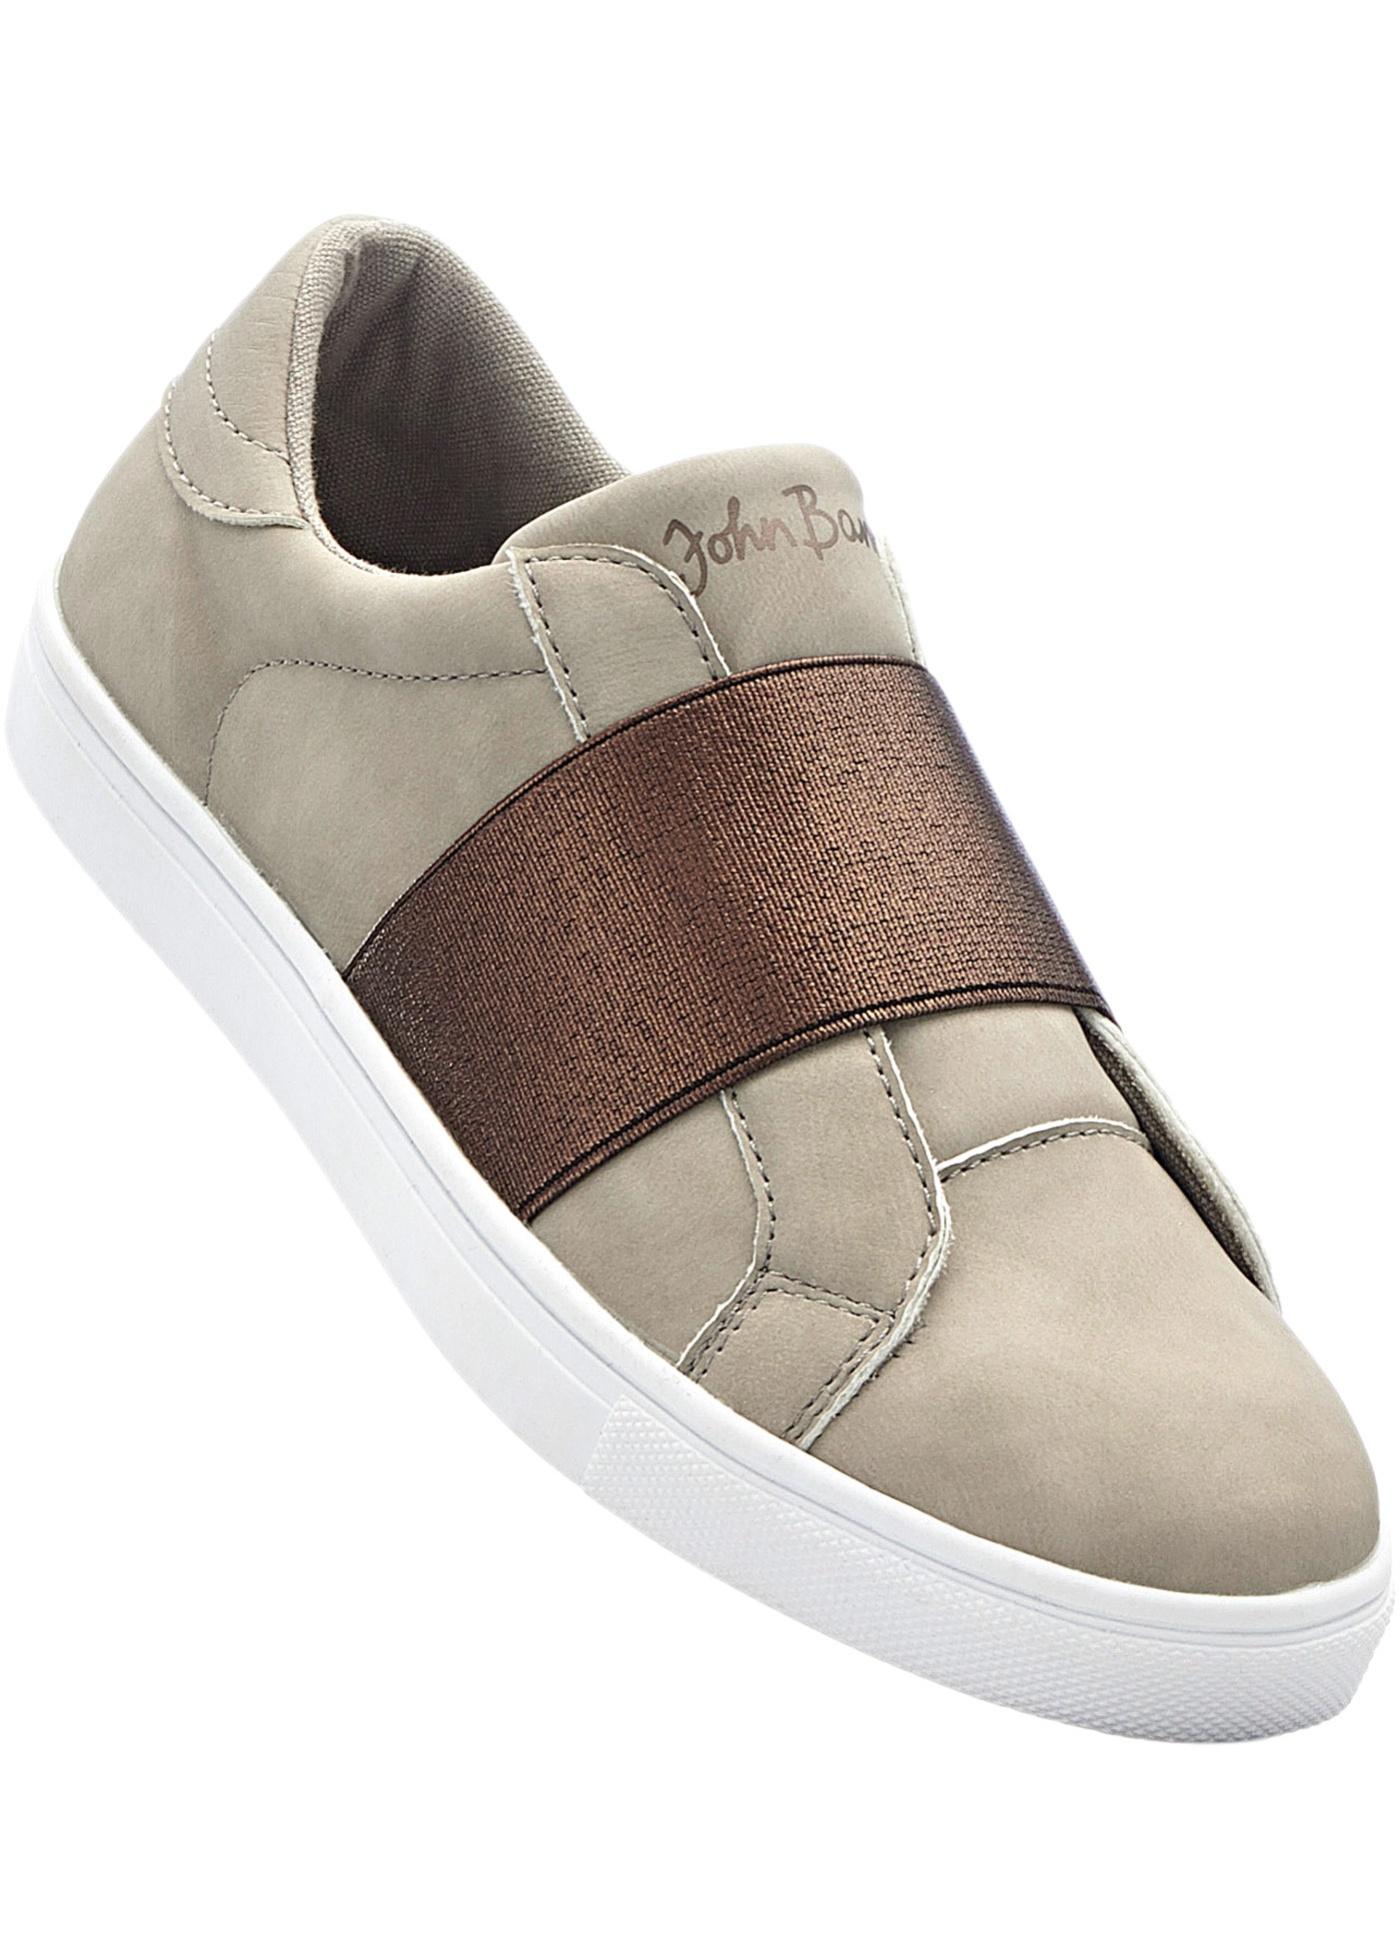 """Sneakers avec semelle extérieure légère et flexible, première amovible, bande élastique décorative pour s""""ajuster parfaitement en largeur."""